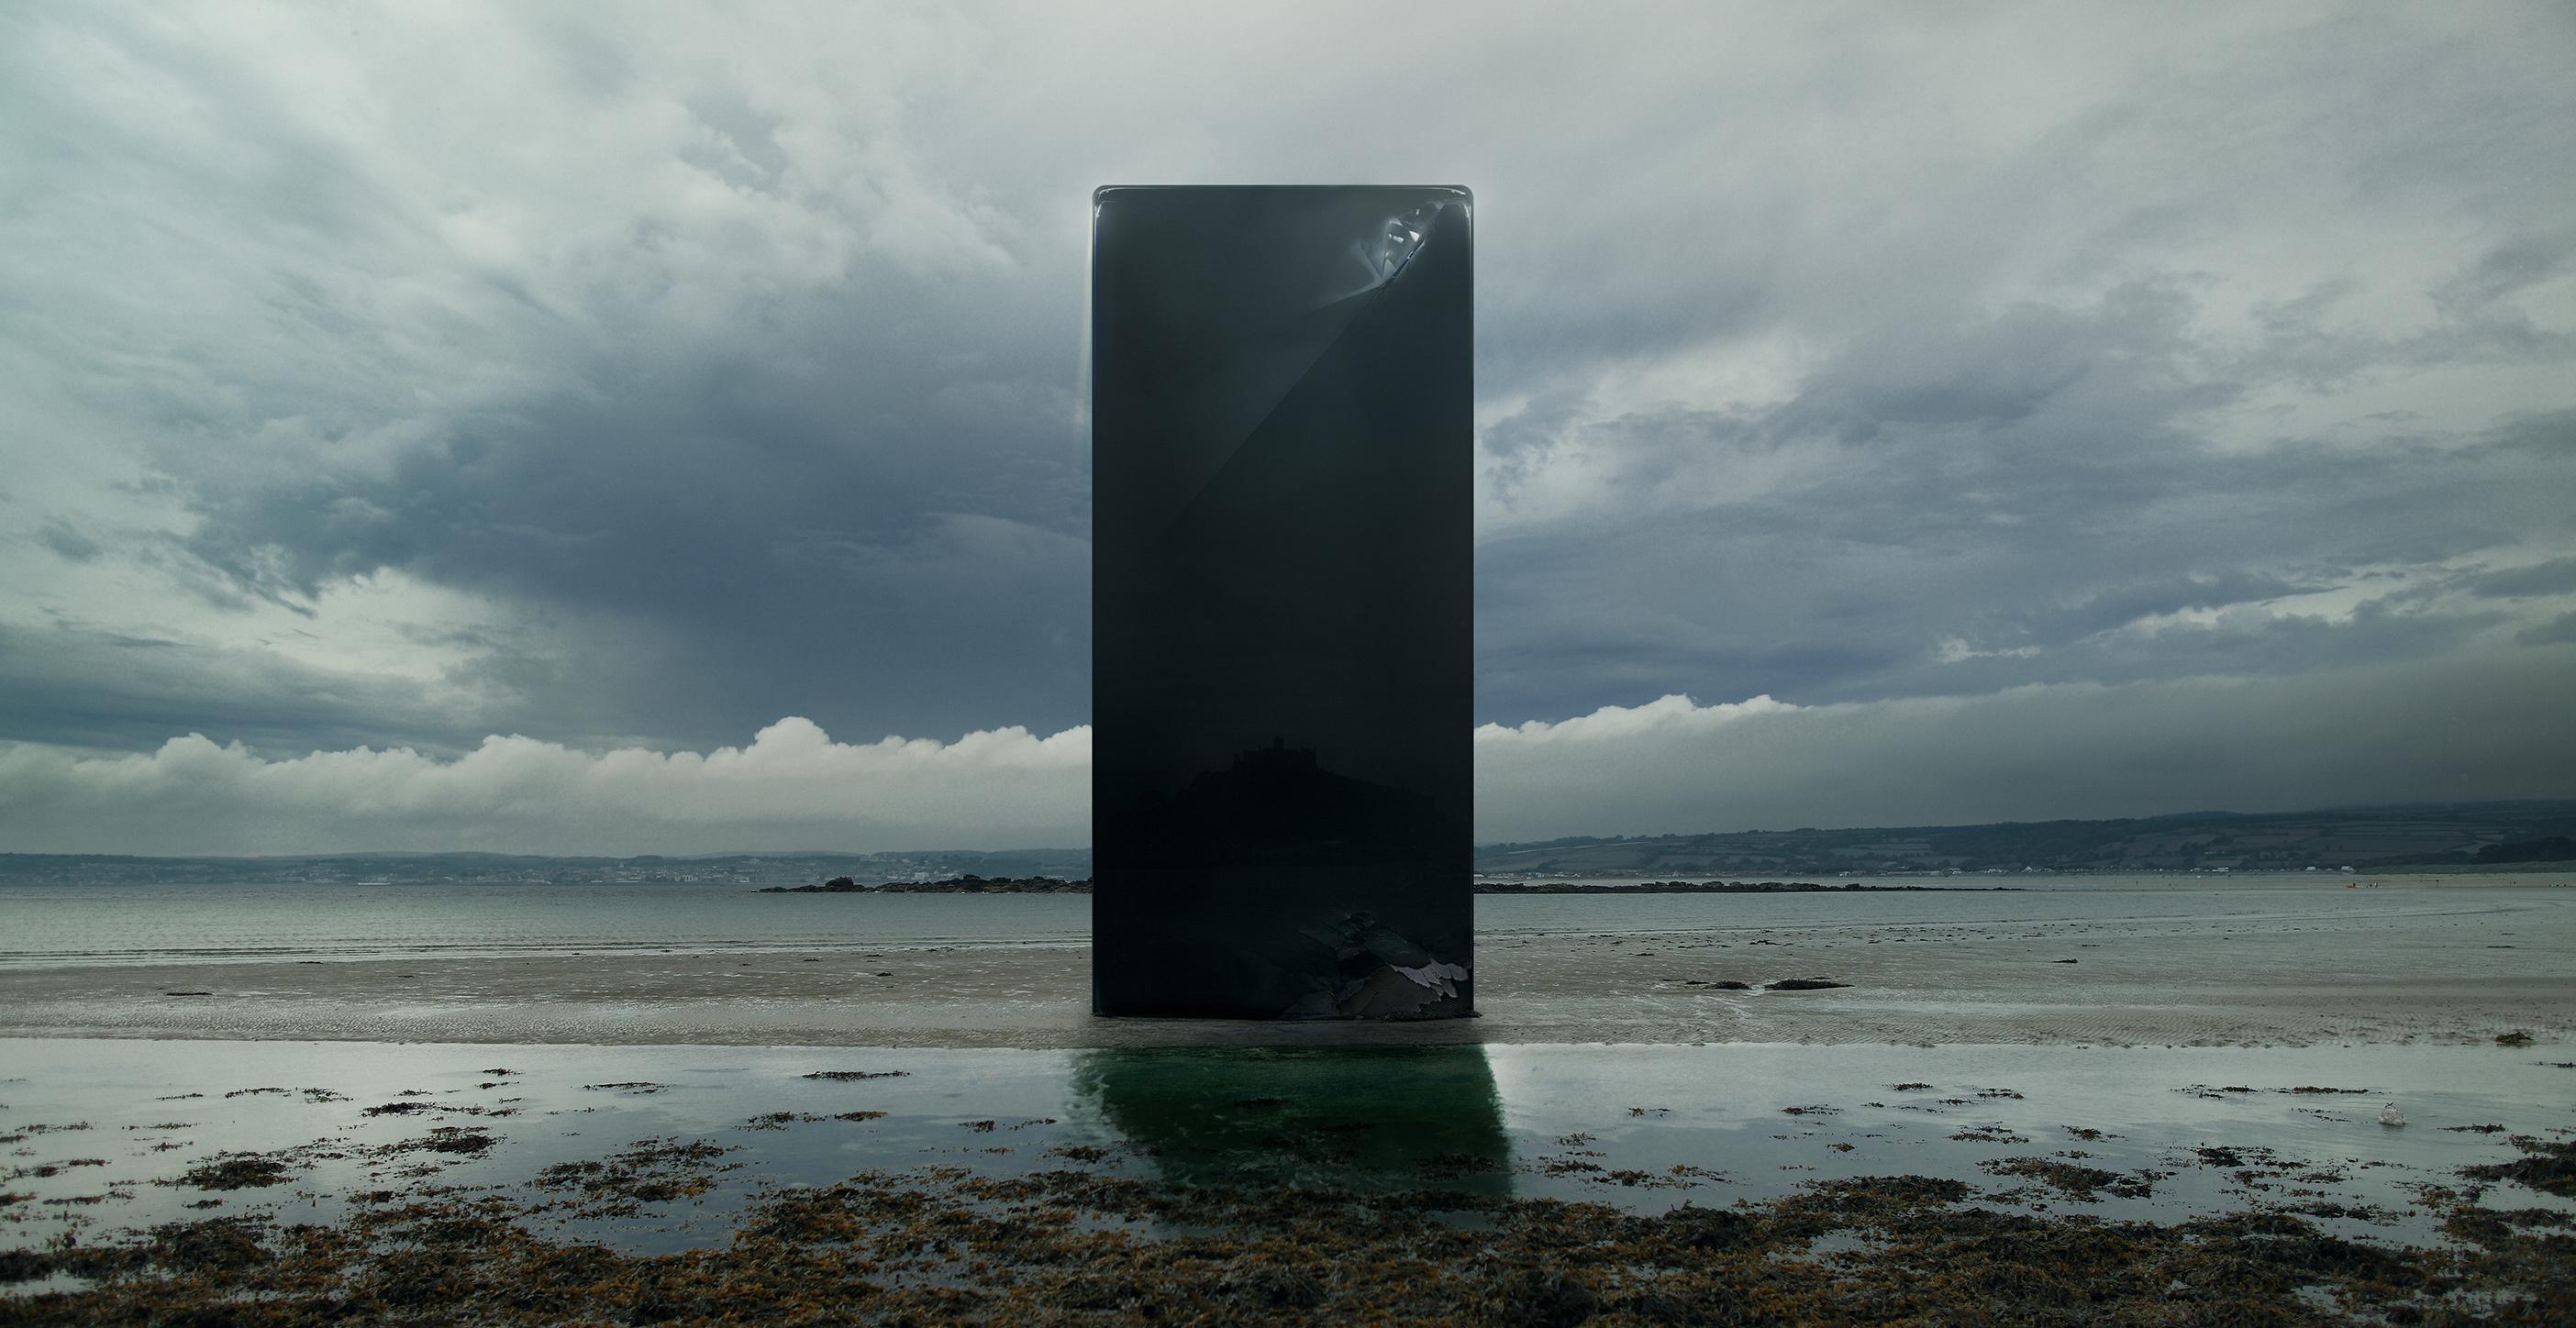 Tim Jarvis - Monolith II